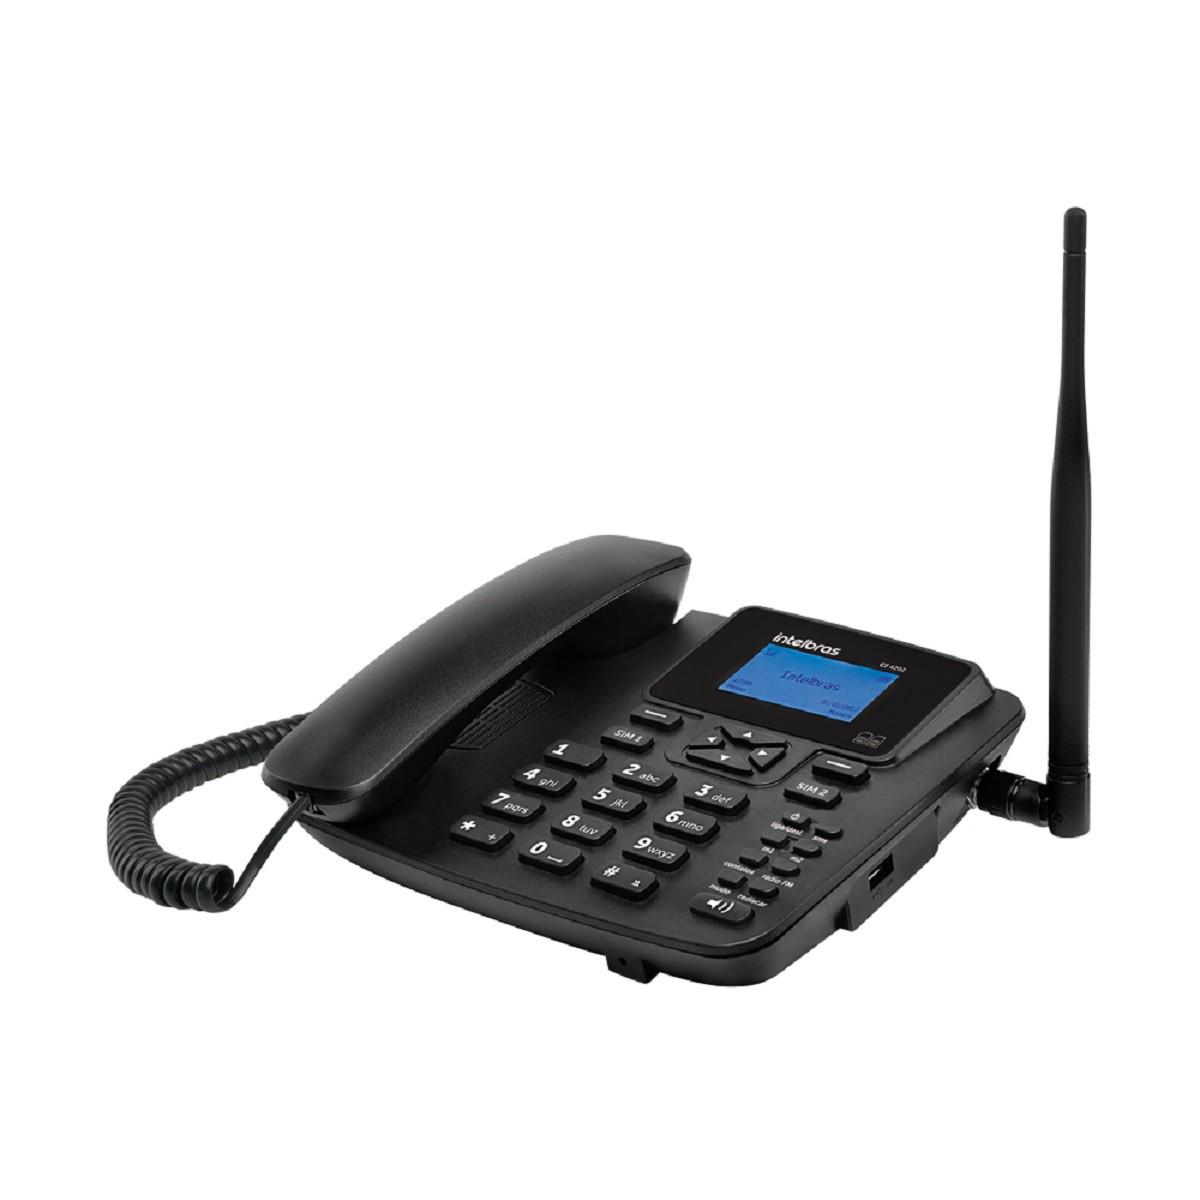 Telefone celular fixo GSM CF 4202 Dual chip Intelbras